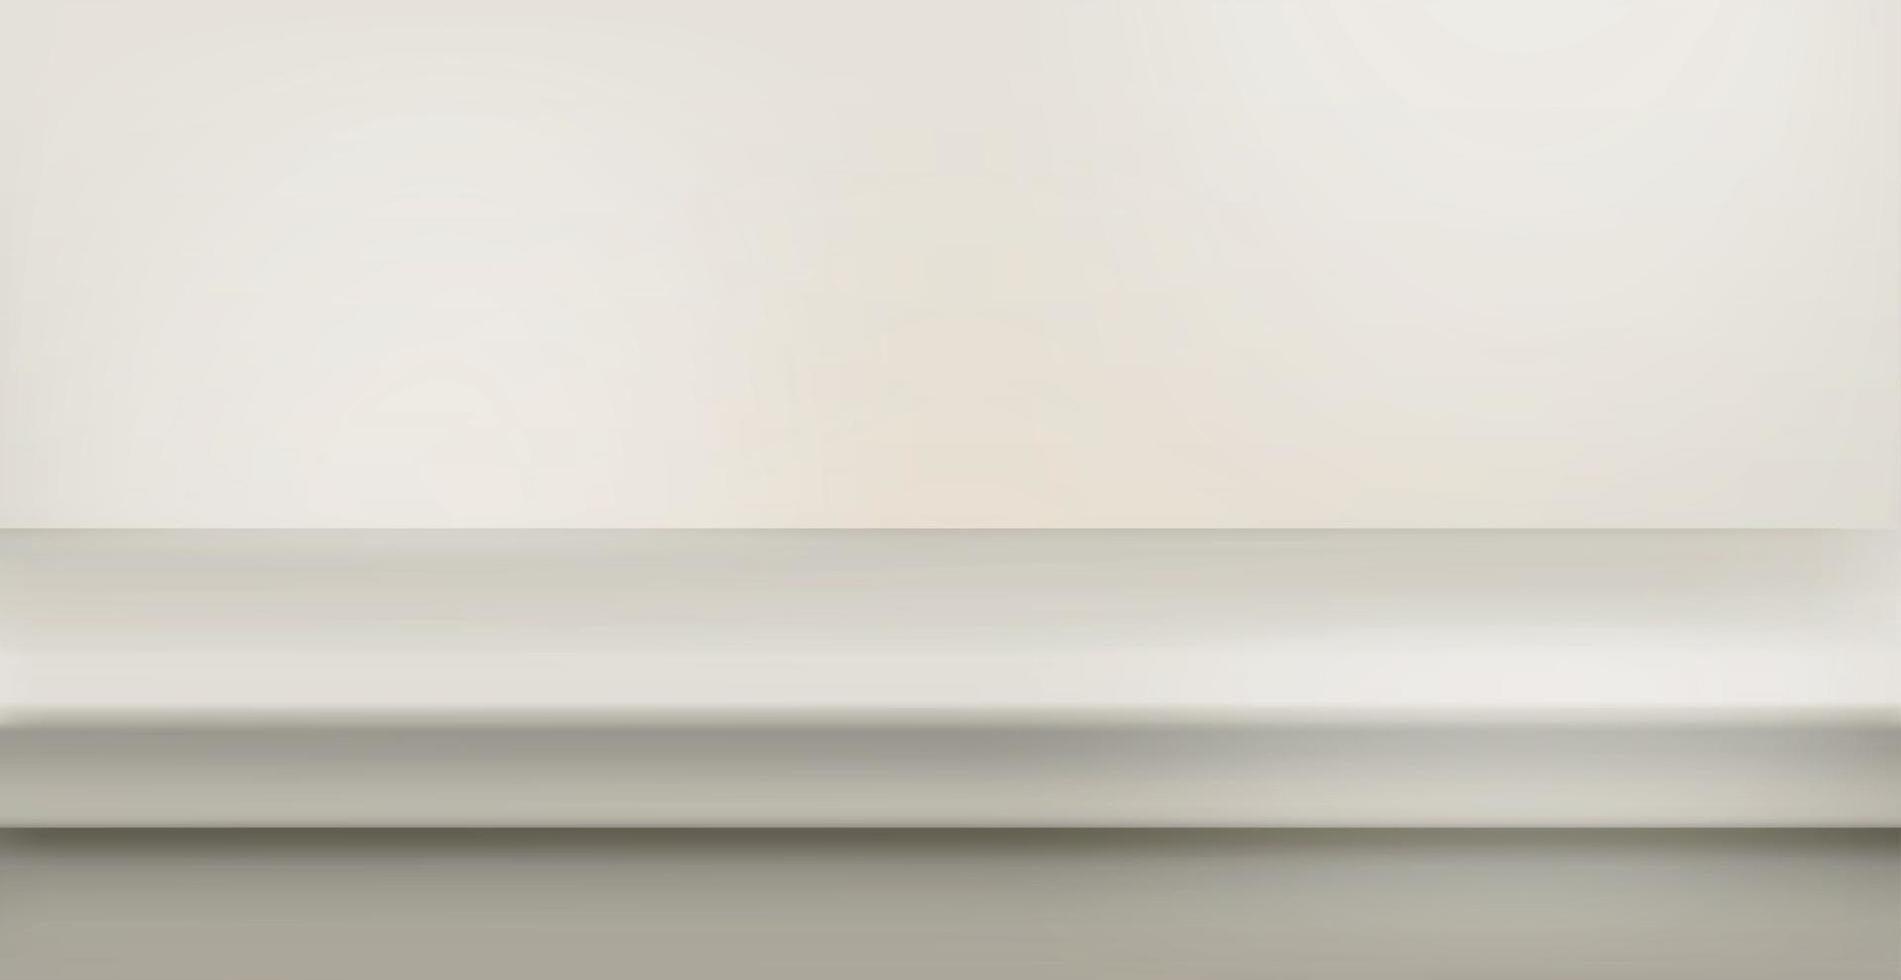 encimera de cocina, textura de piedra, mesa de bar - vector